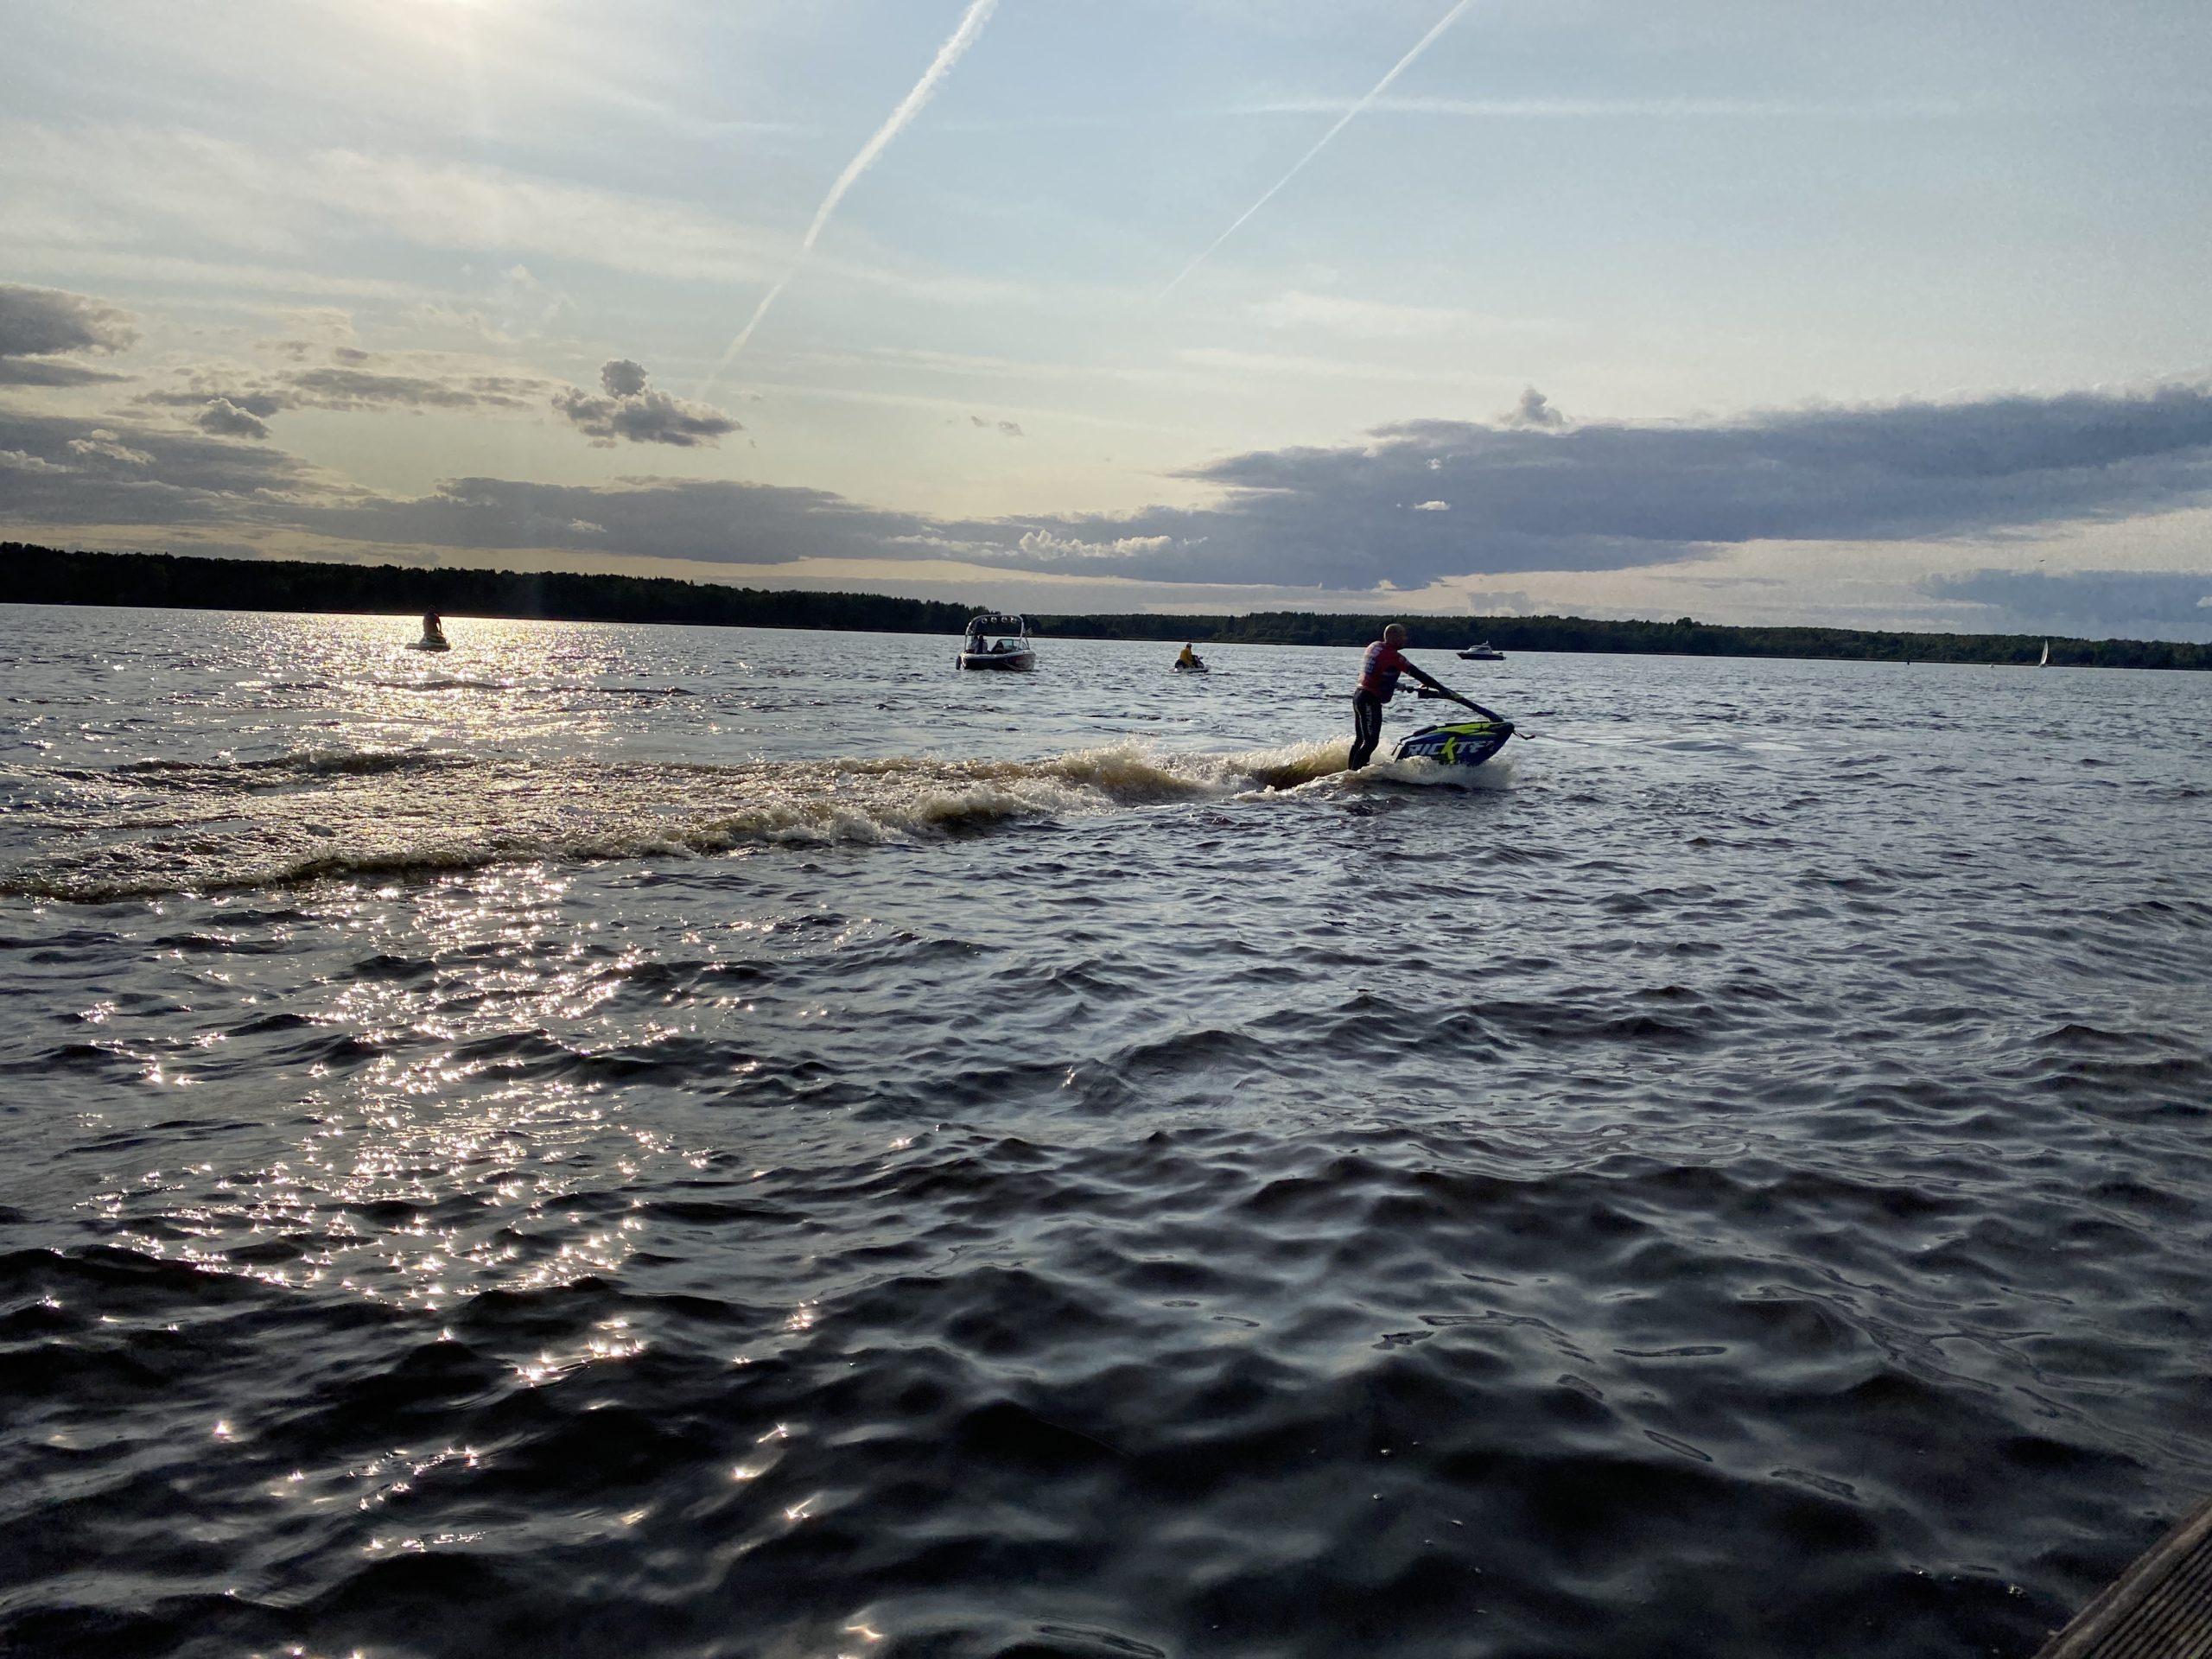 87 спортсменов из разных регионов приняли участие в Кубке России по аквабайку в Тверской области